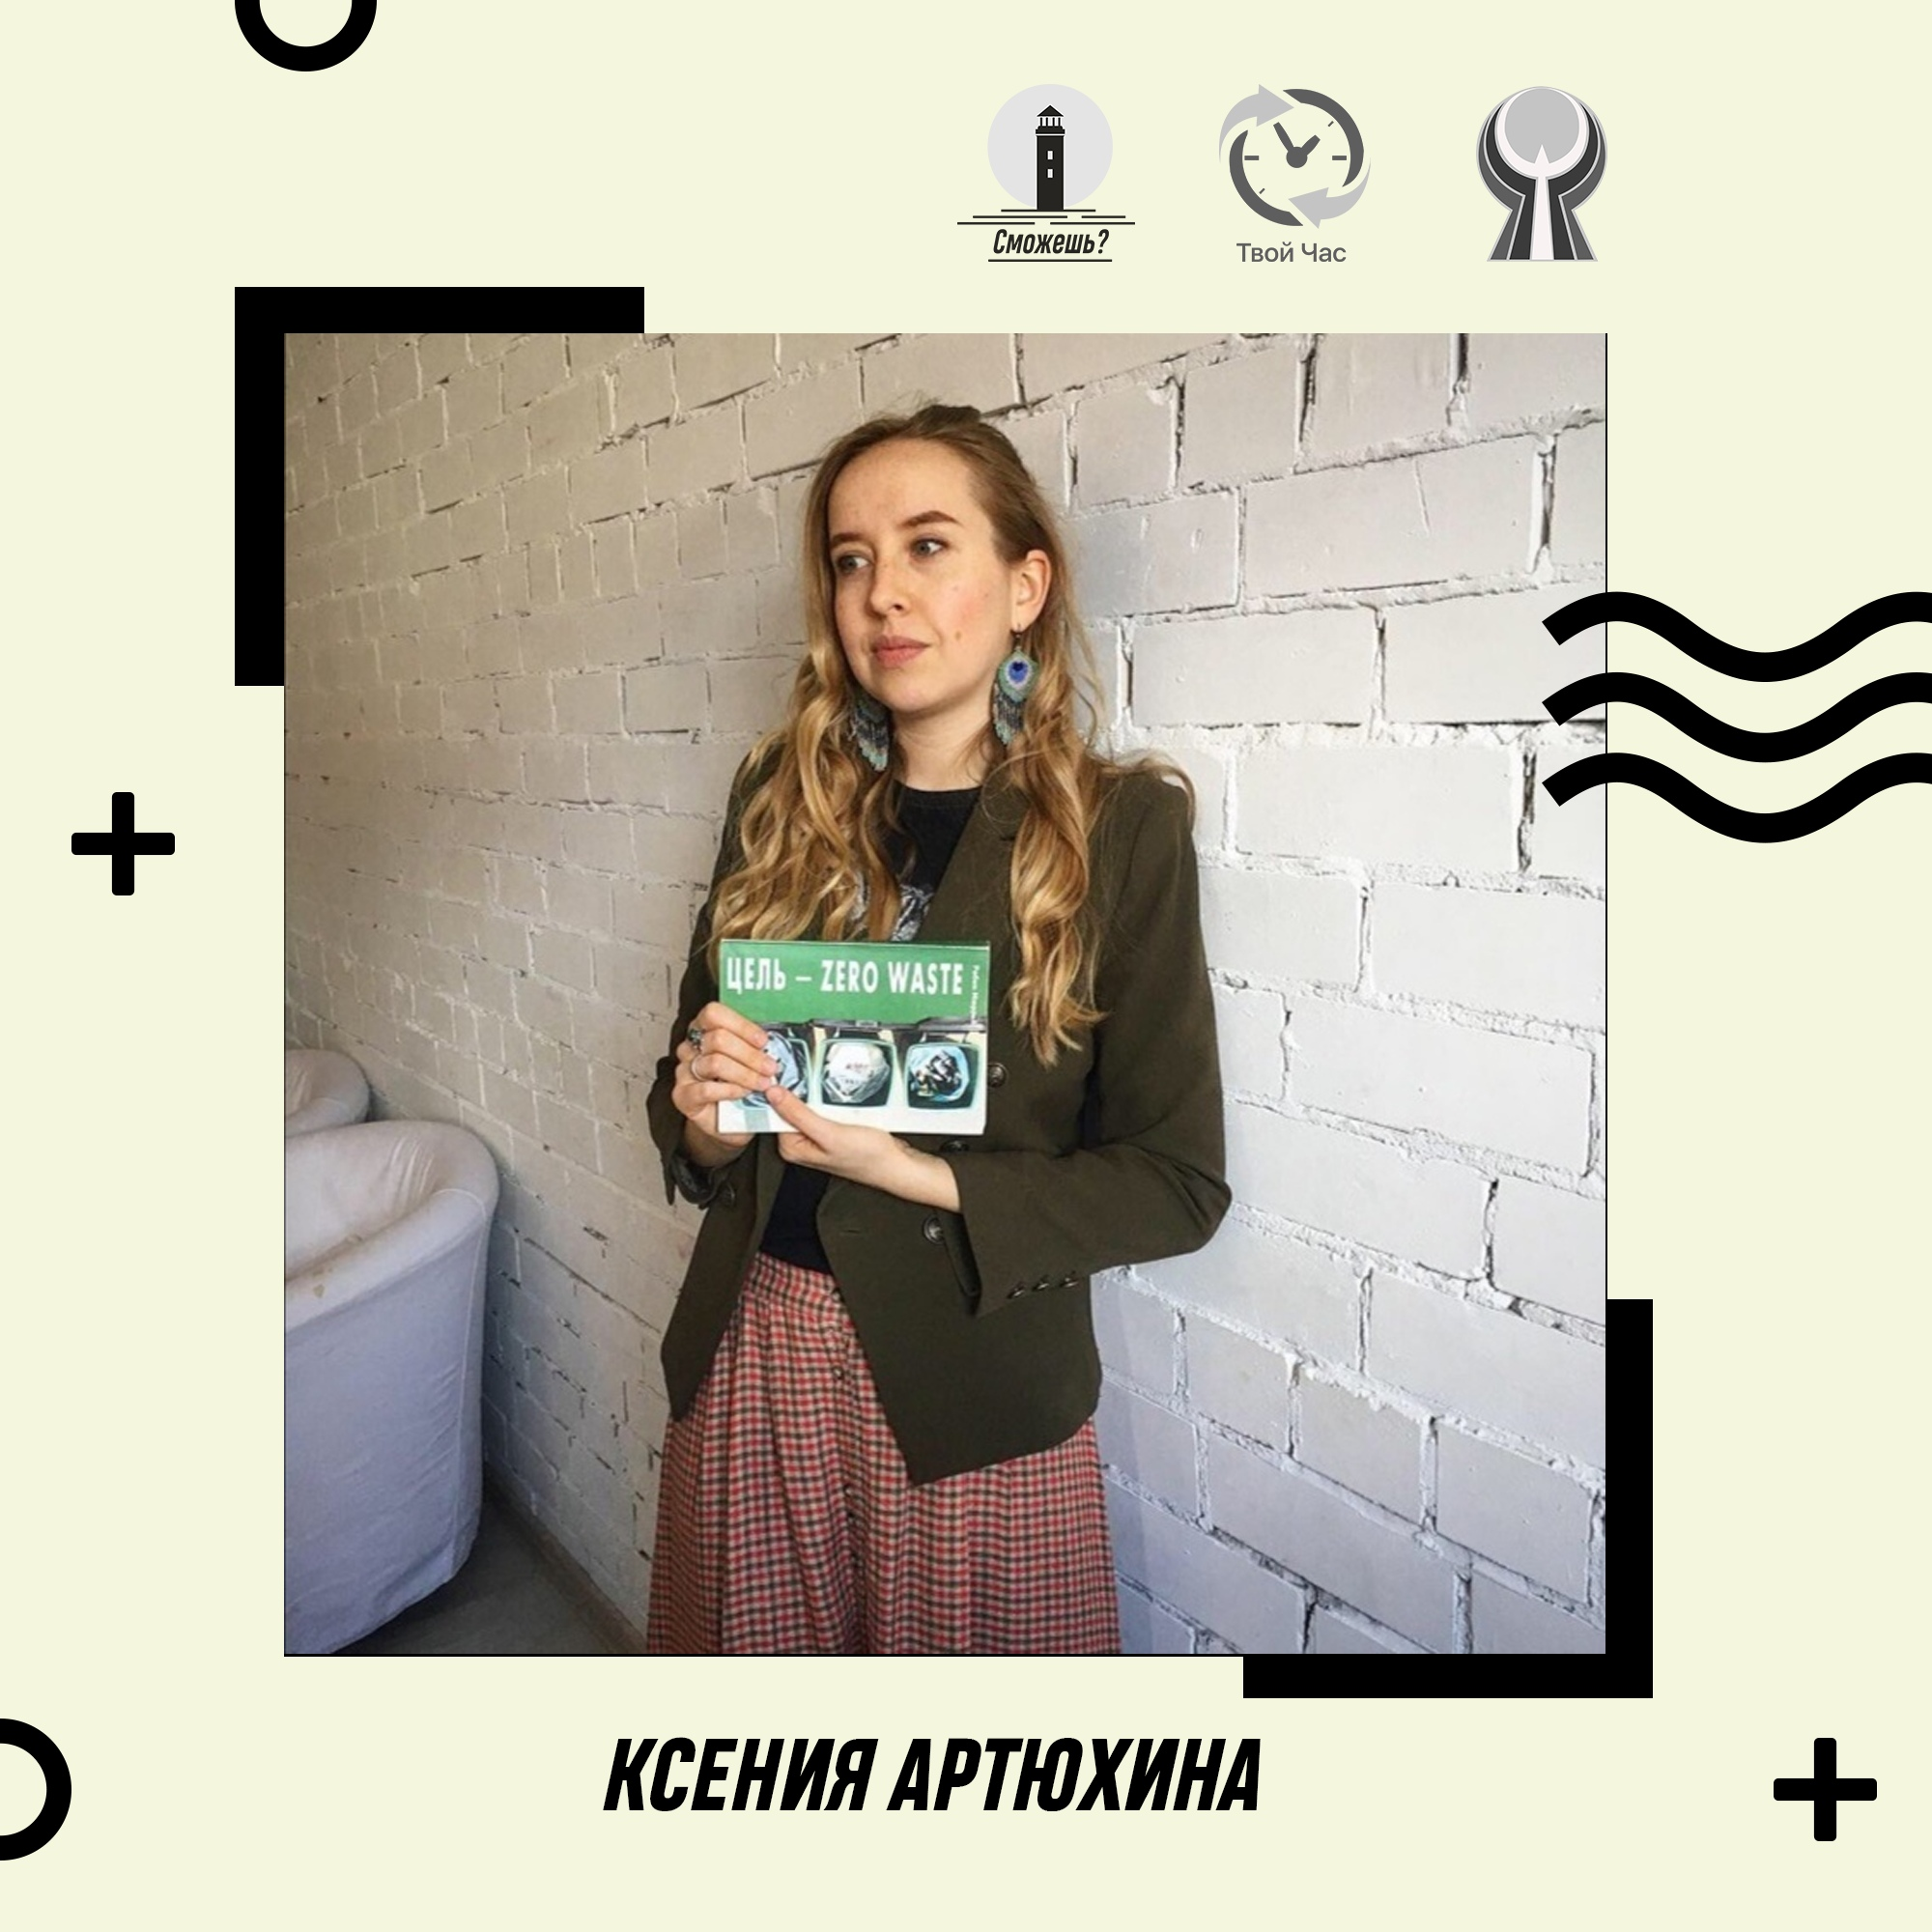 Проект «Сможешь?», лекция от эко-просветительницы Ксении Артюхиной «Цель — ноль отходов» @ ПЛАТФОРМА (ул. Марата, 8, корп. 4)